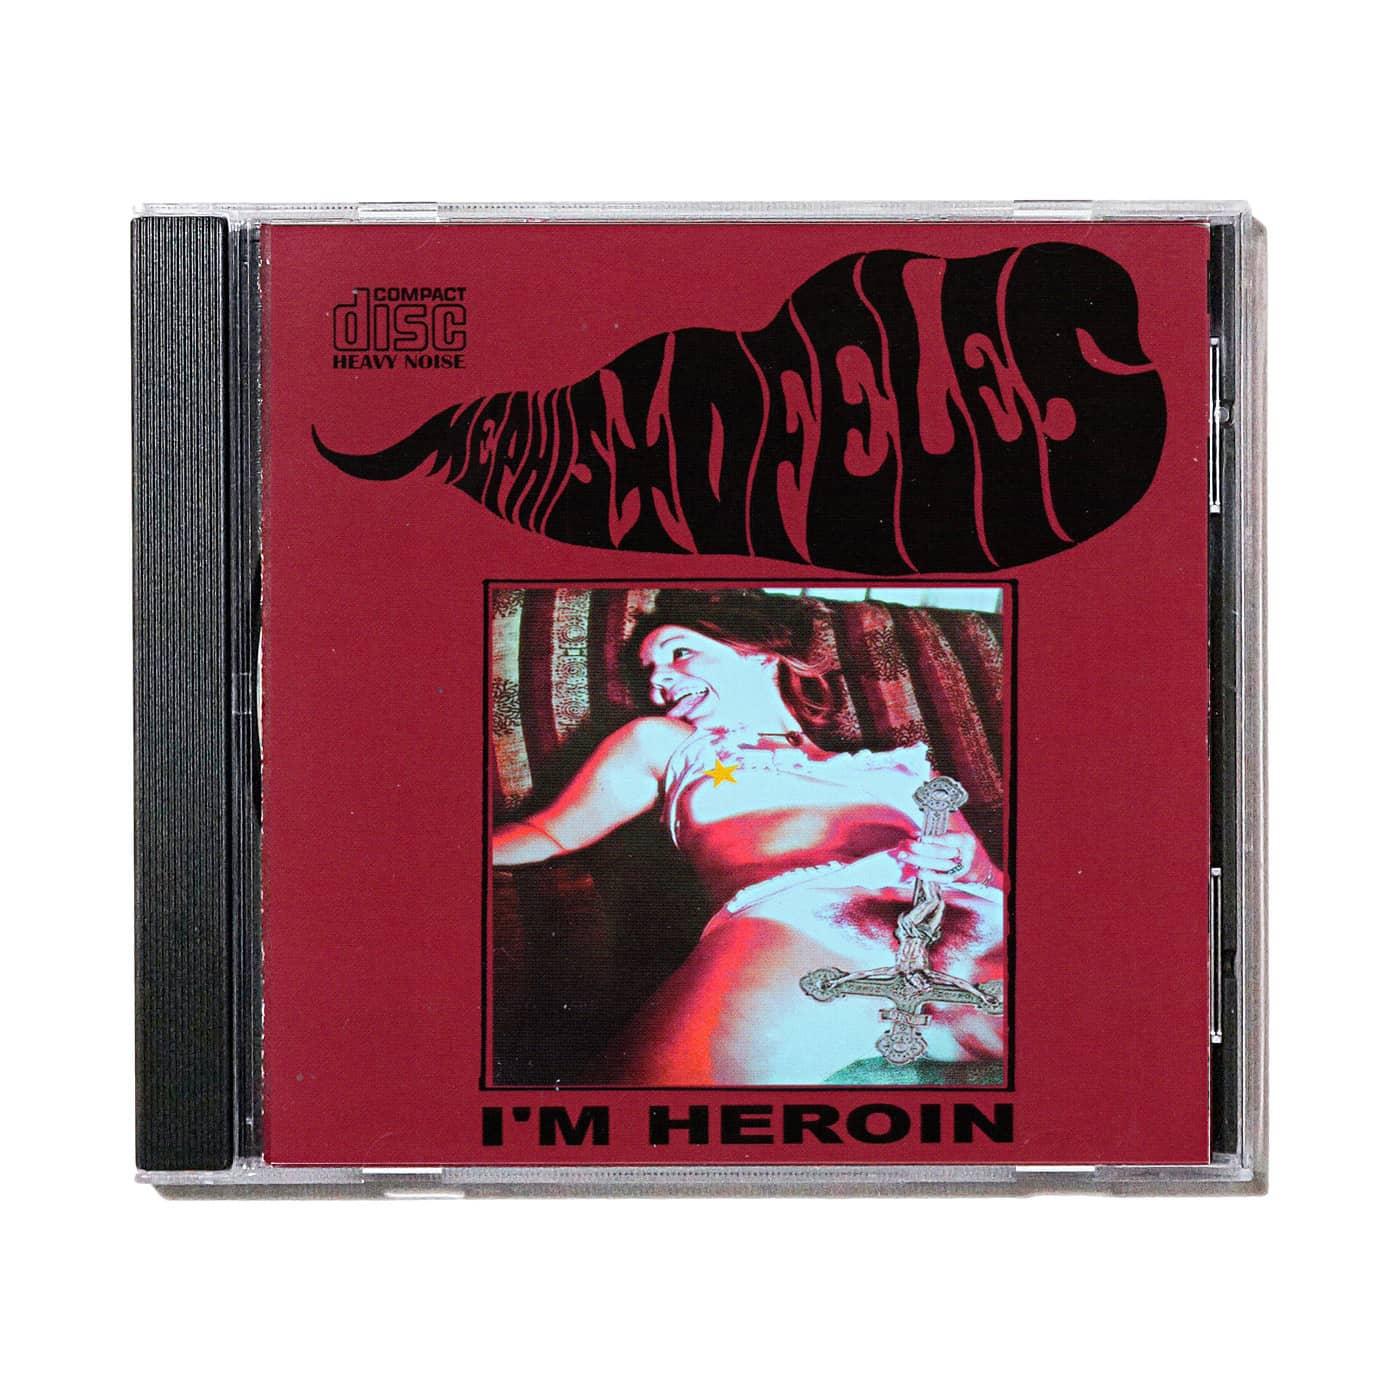 MEPHISTOFELES - I'm Heroin CD Deluxe Re-issue (Ltd.400)